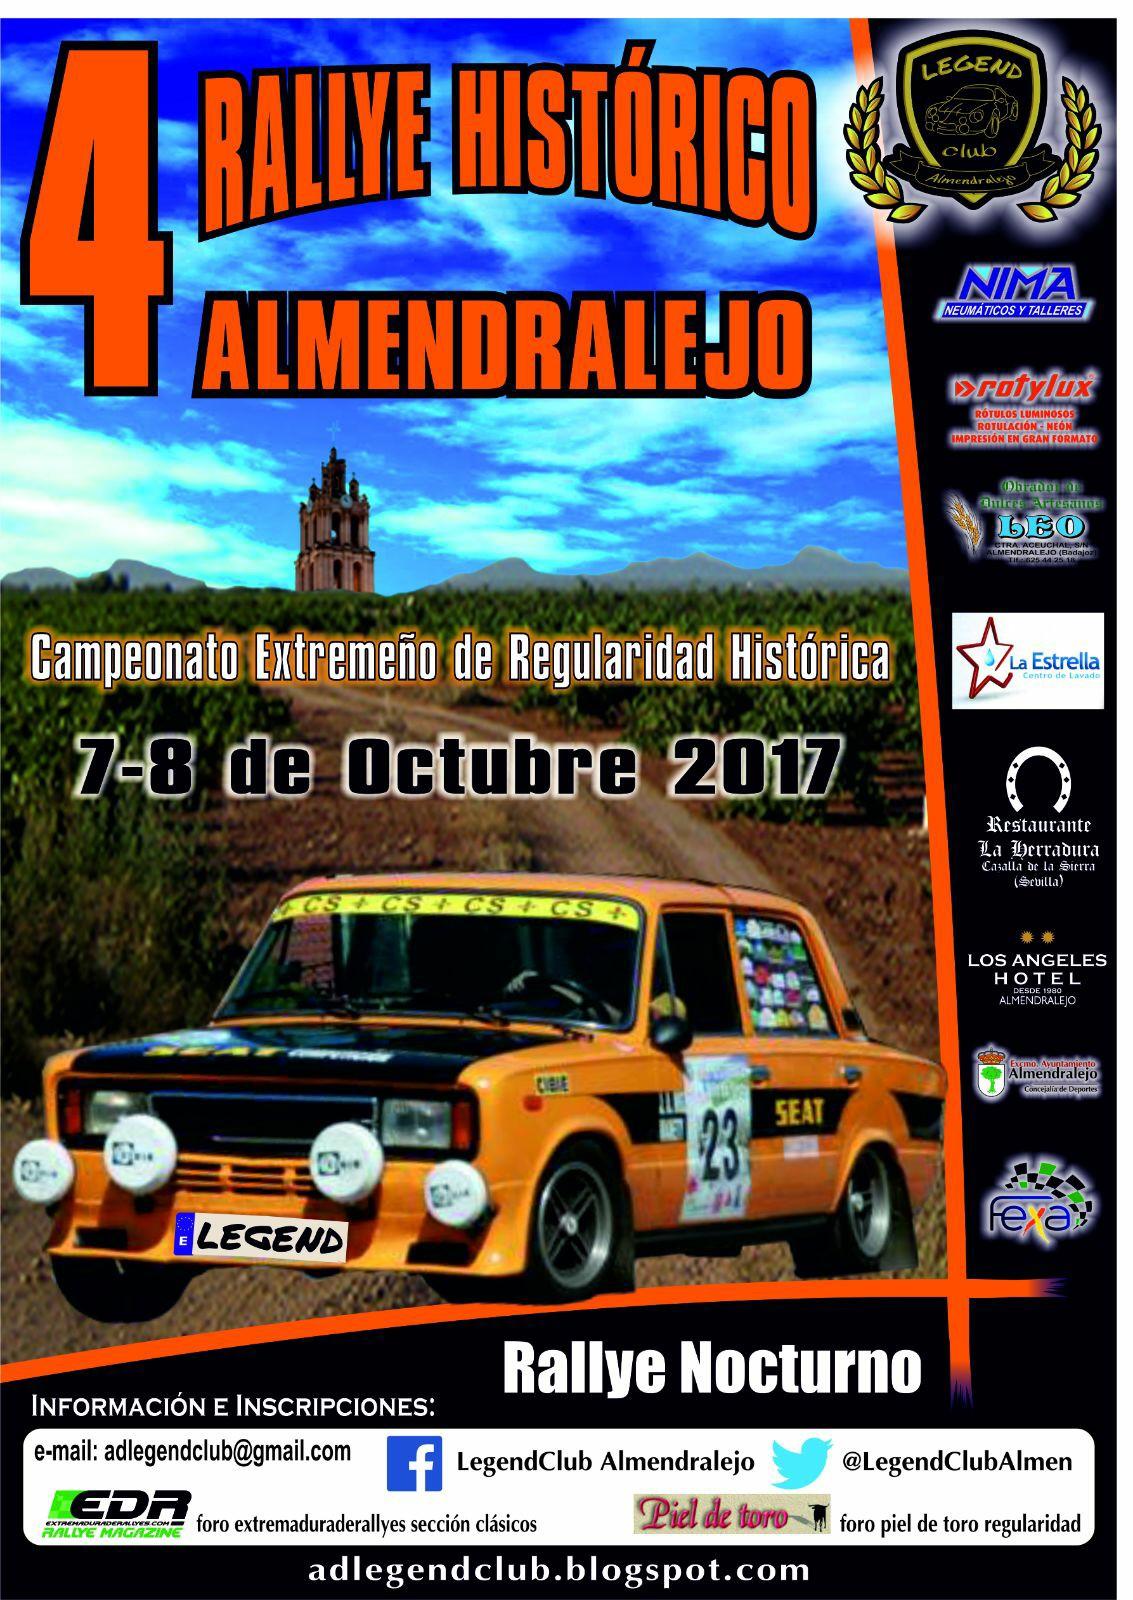 IV Rallye Histórico de Almendralejo